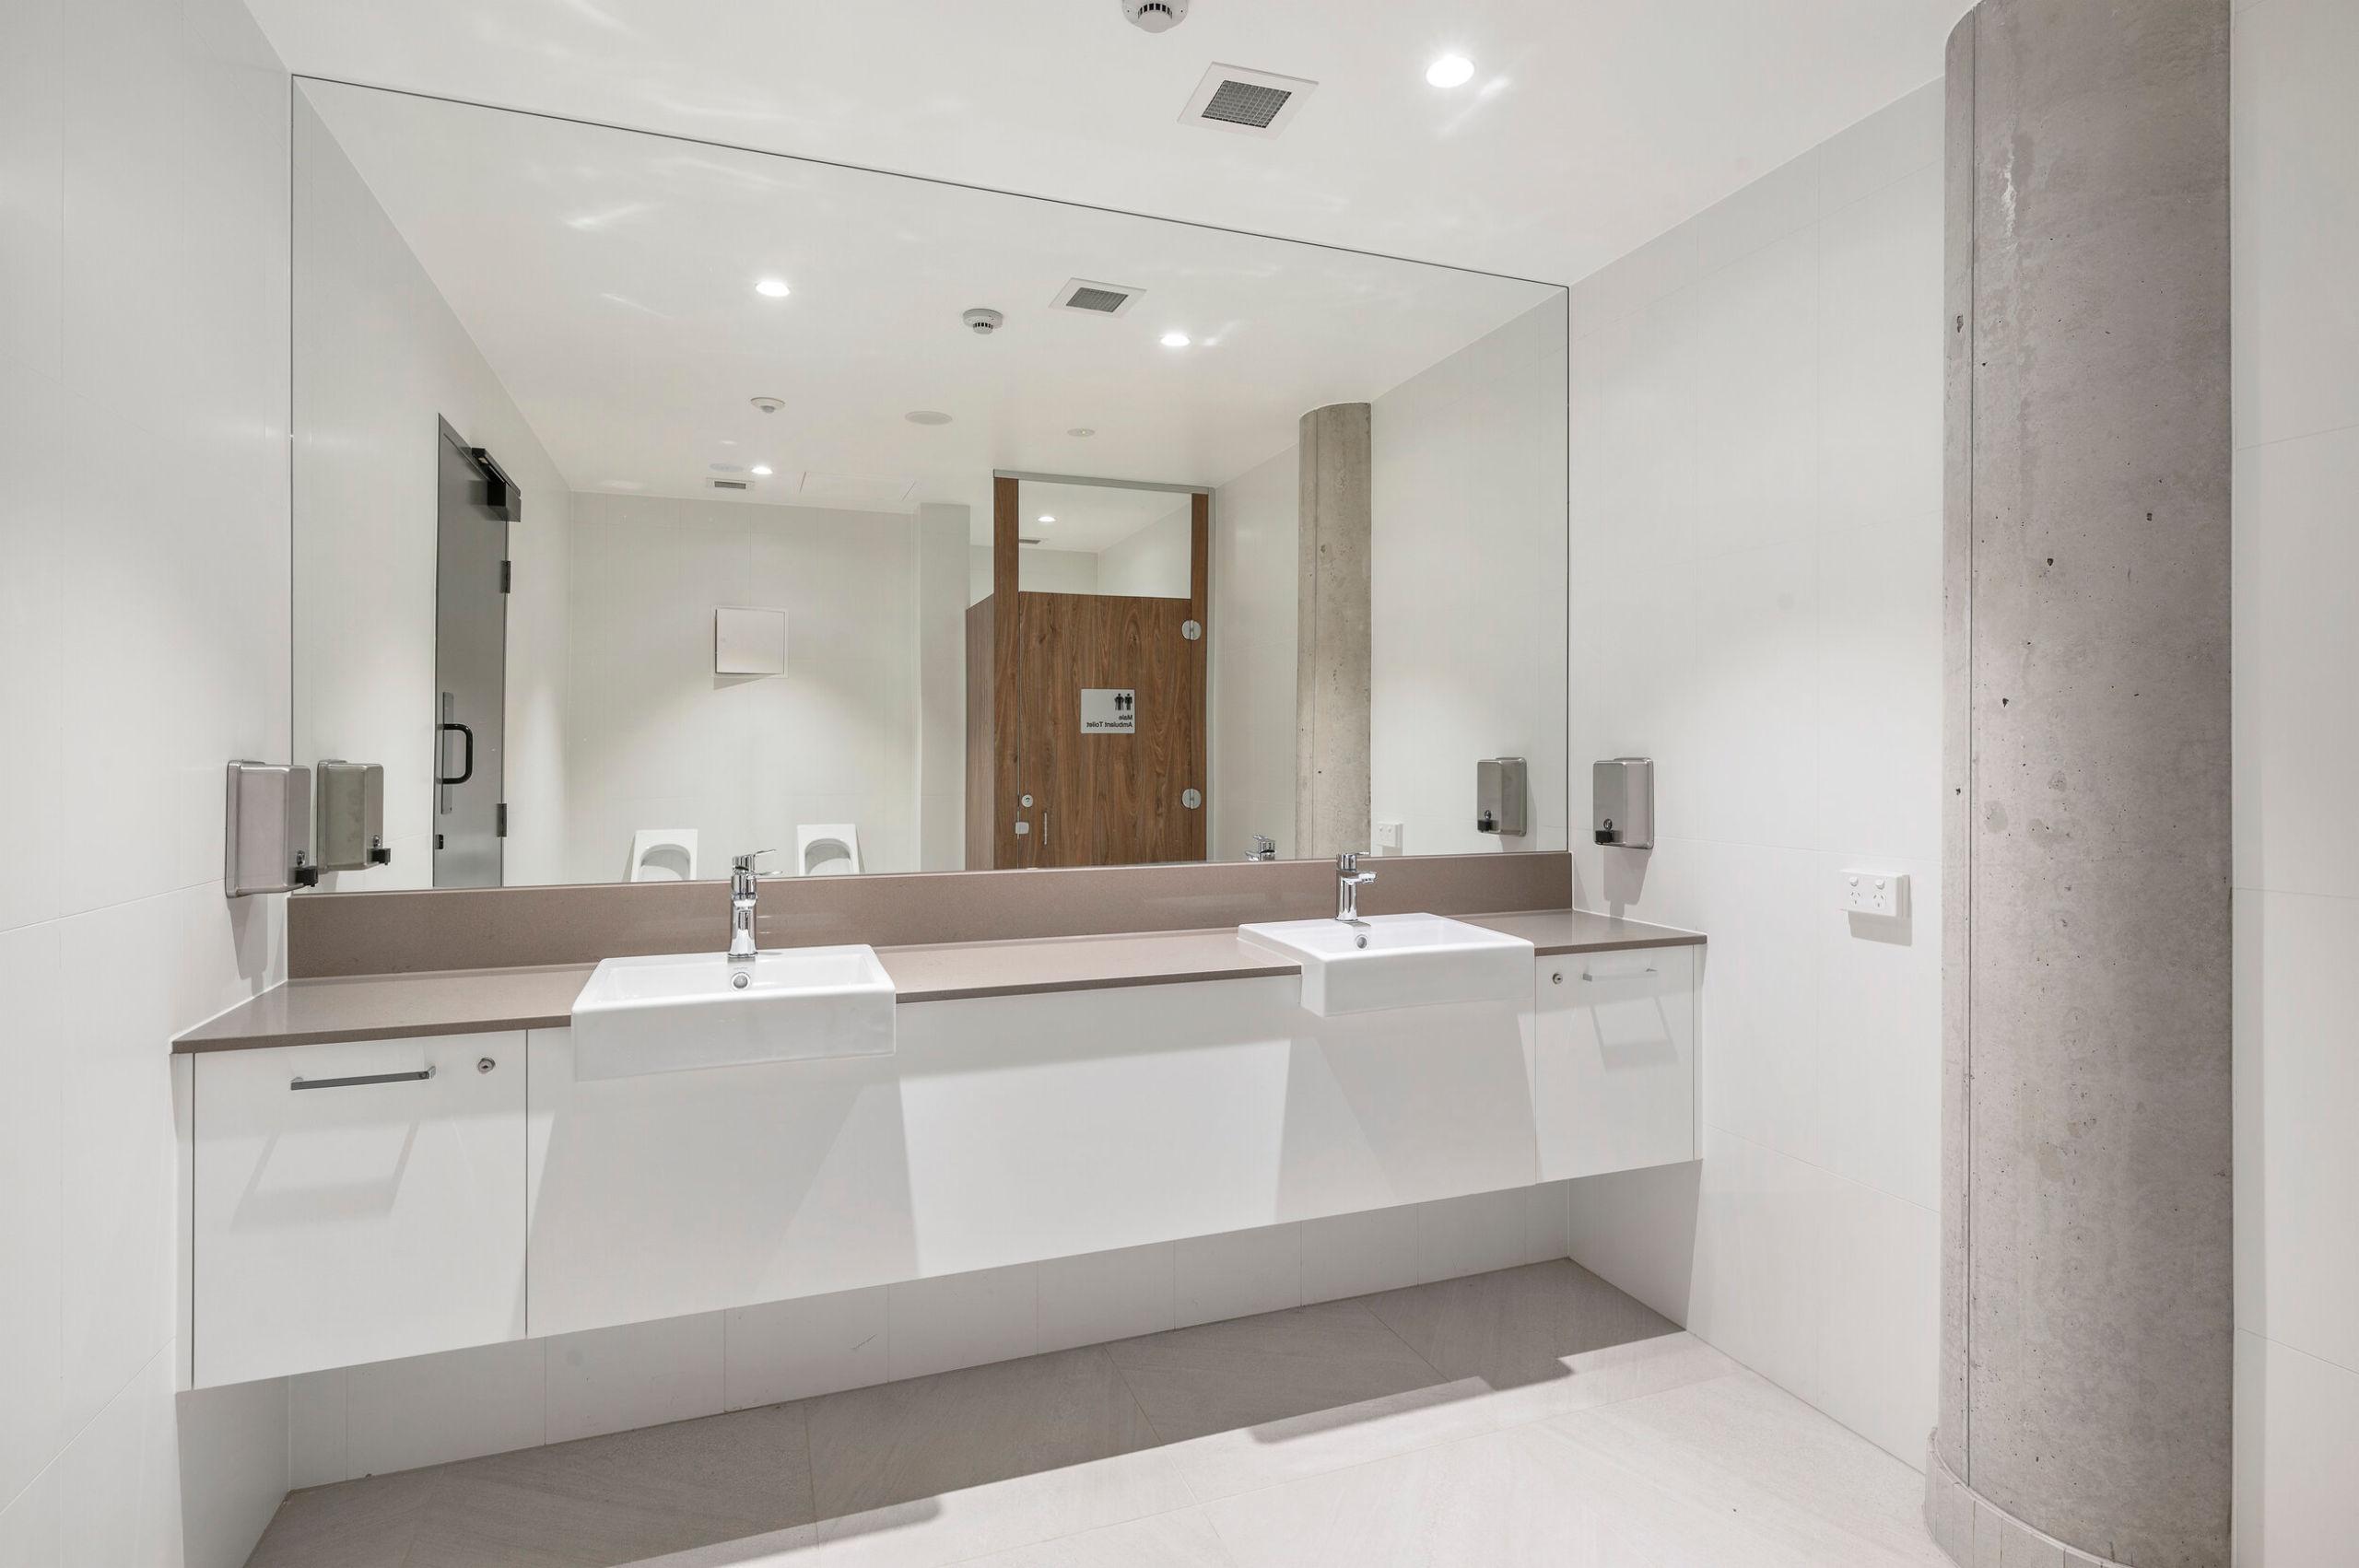 Bathroom ammenities